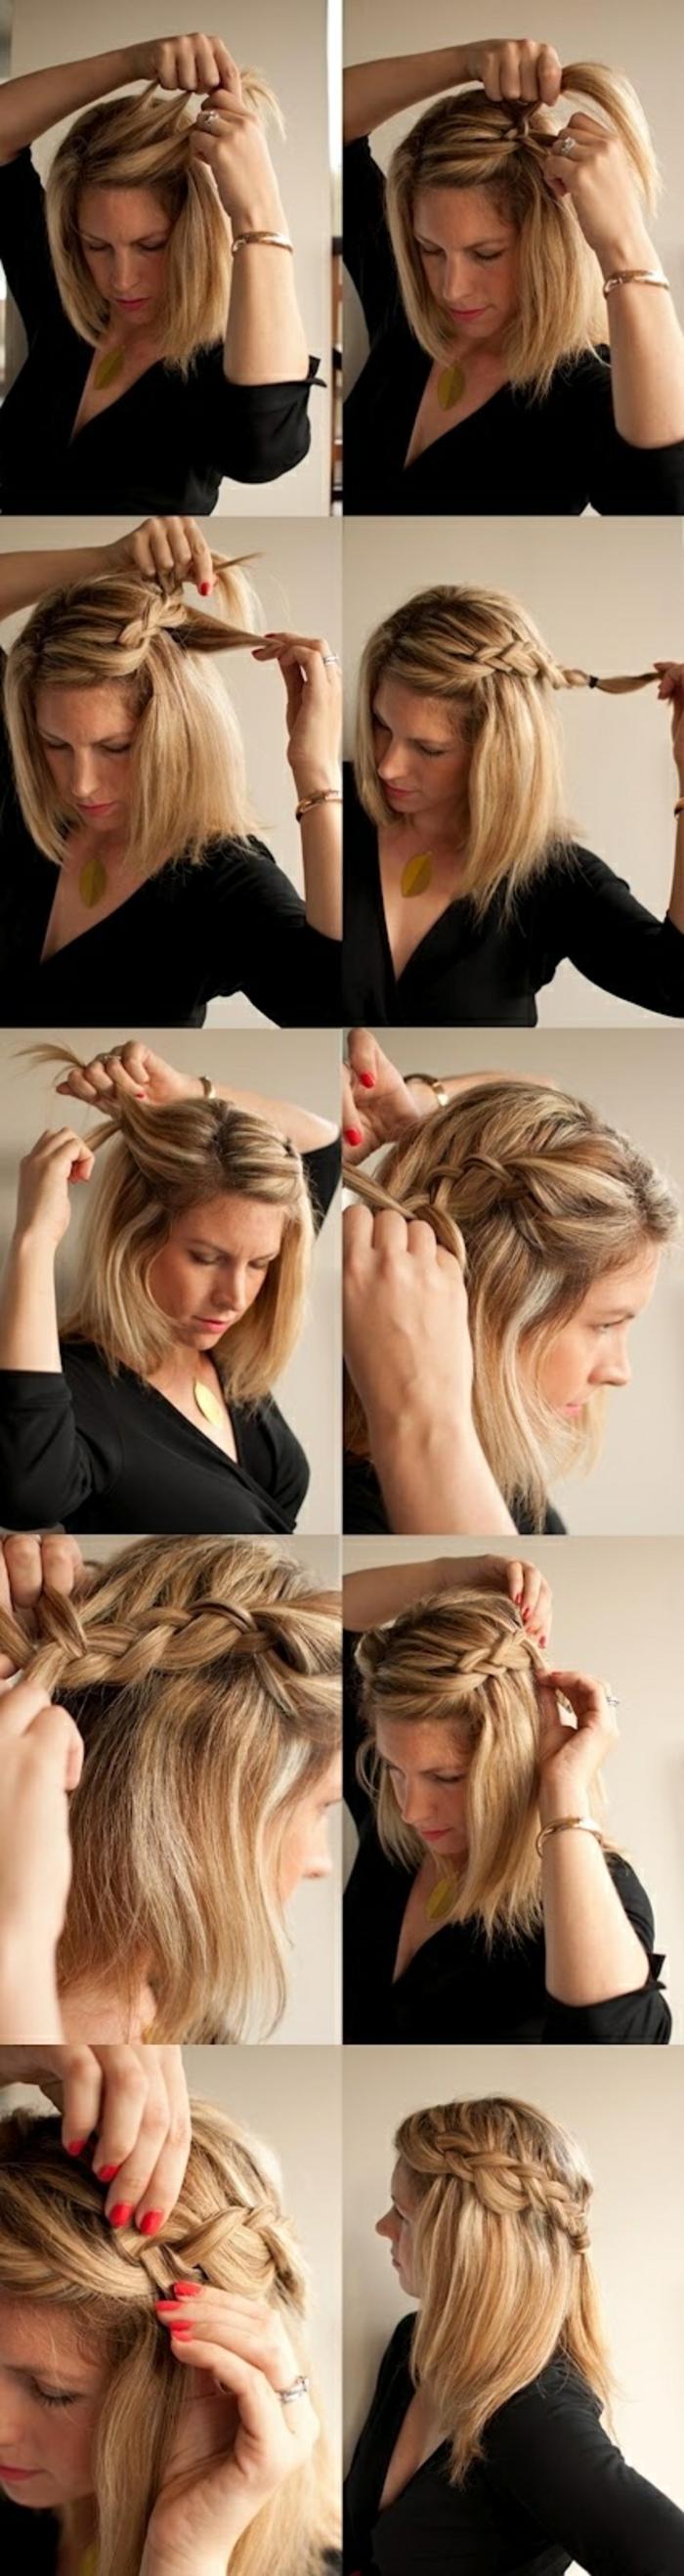 Coiffure-pour-cheveux-mi-longs-facile-automne-hiver-2016-tresse-resized